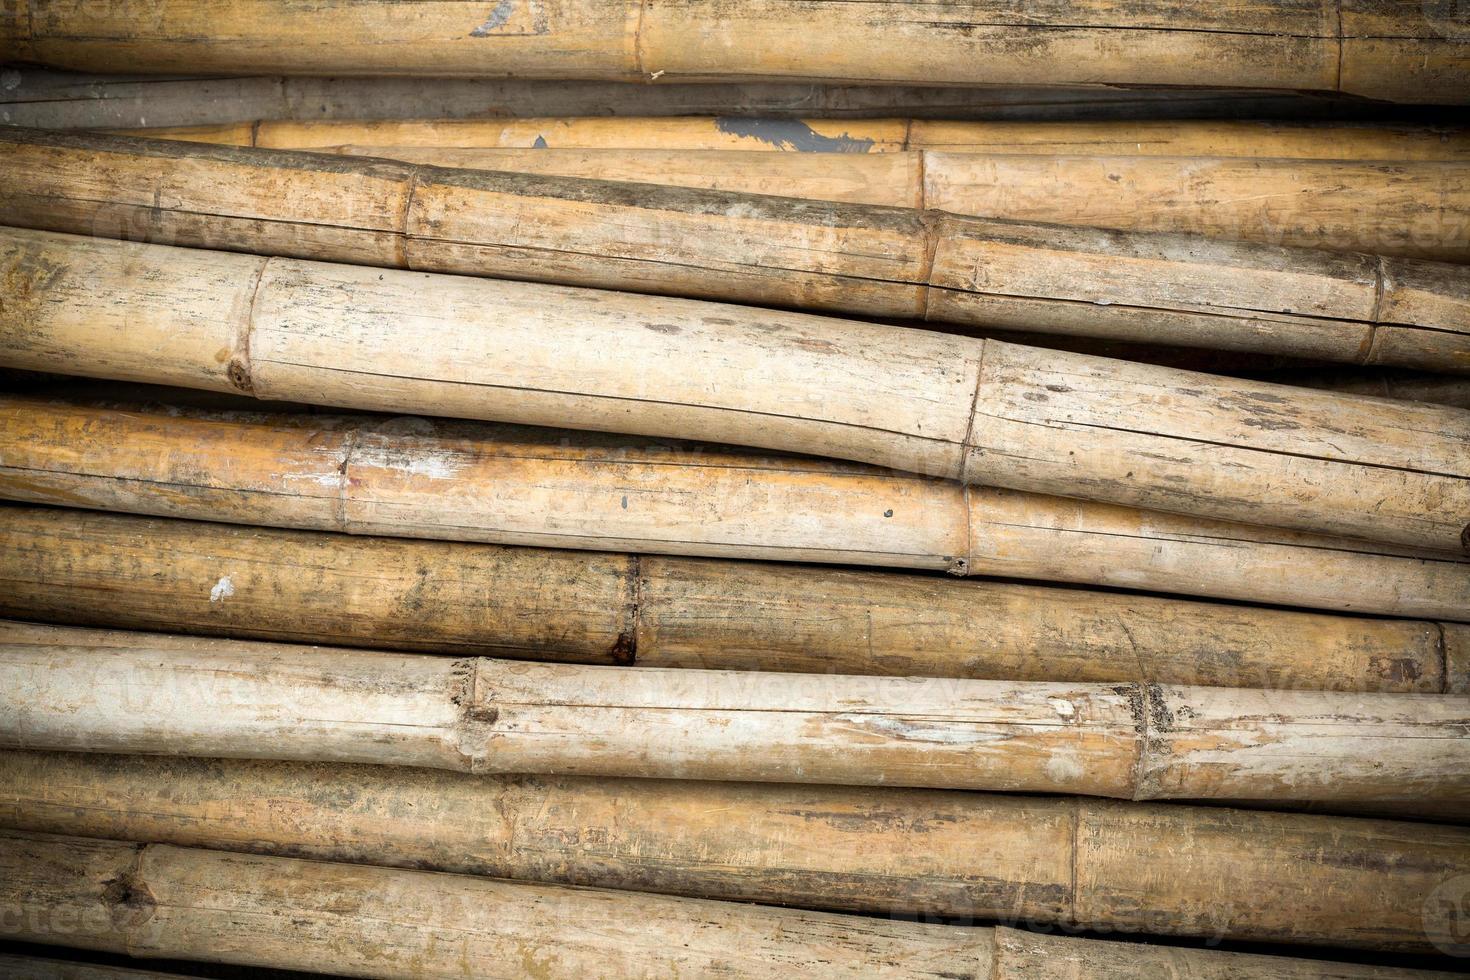 närbild bakgrund av torra tjocka bambustänger med vinjett foto